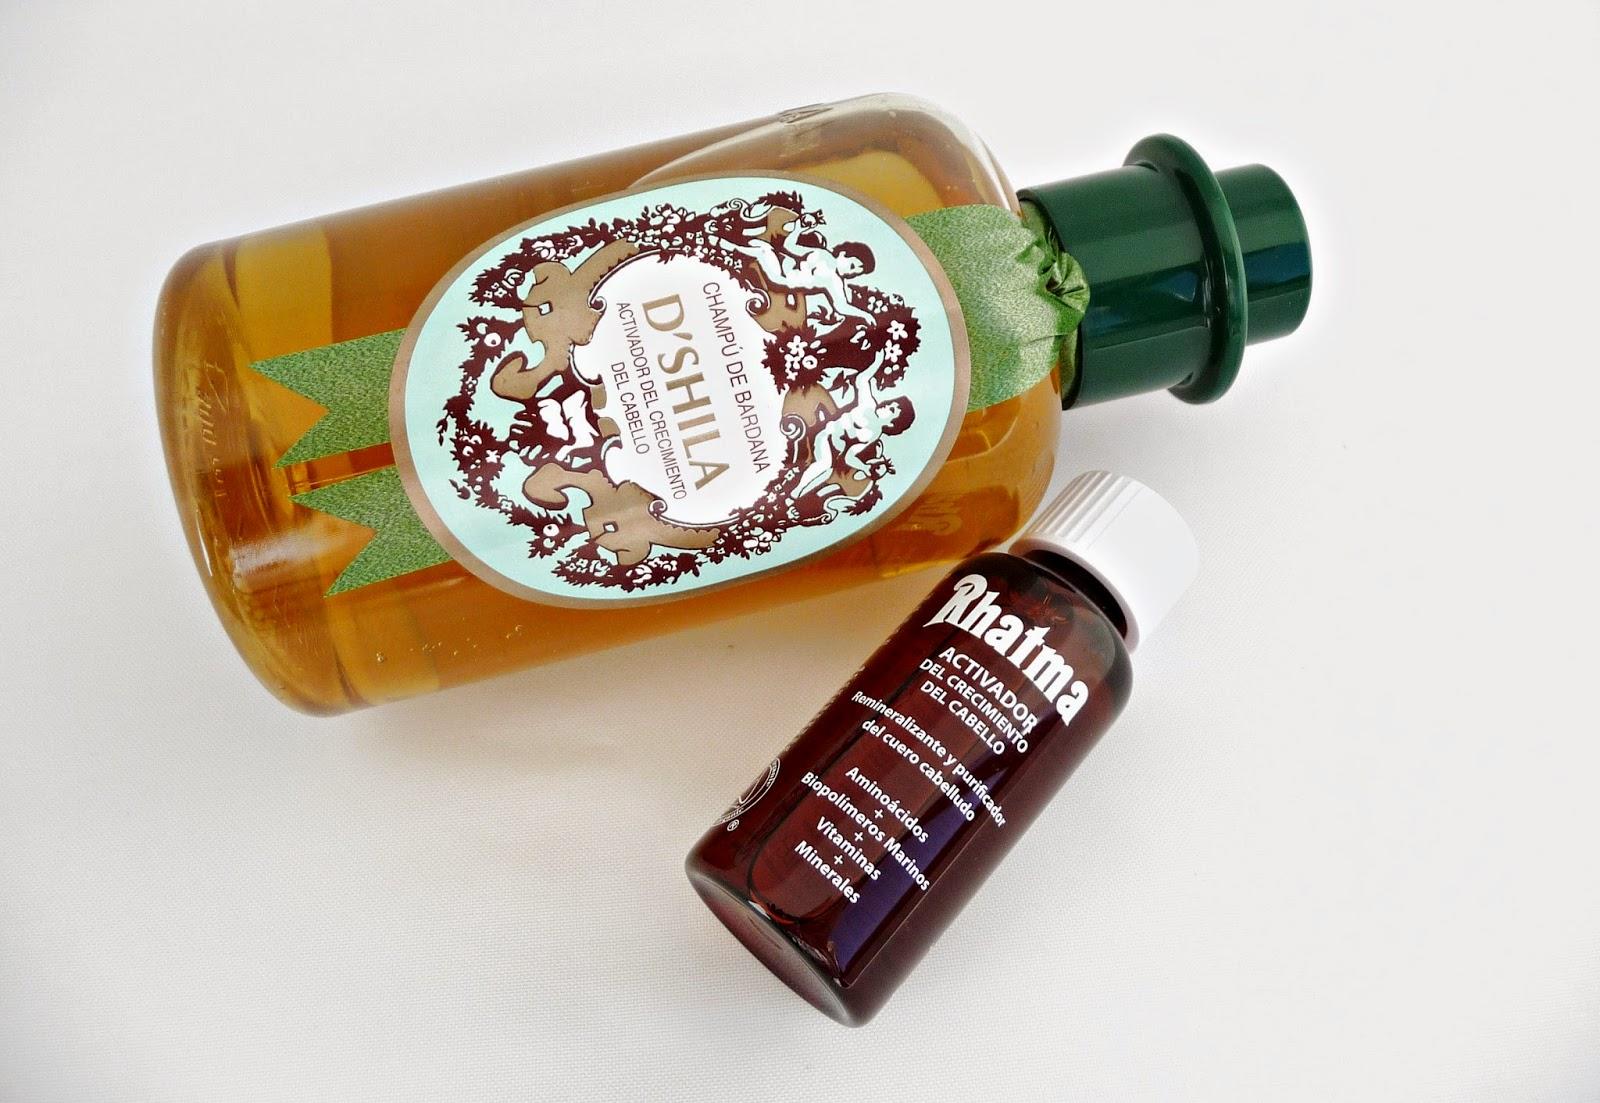 Las máscaras para los cabellos del aceite de bardana y los óleos etéricos